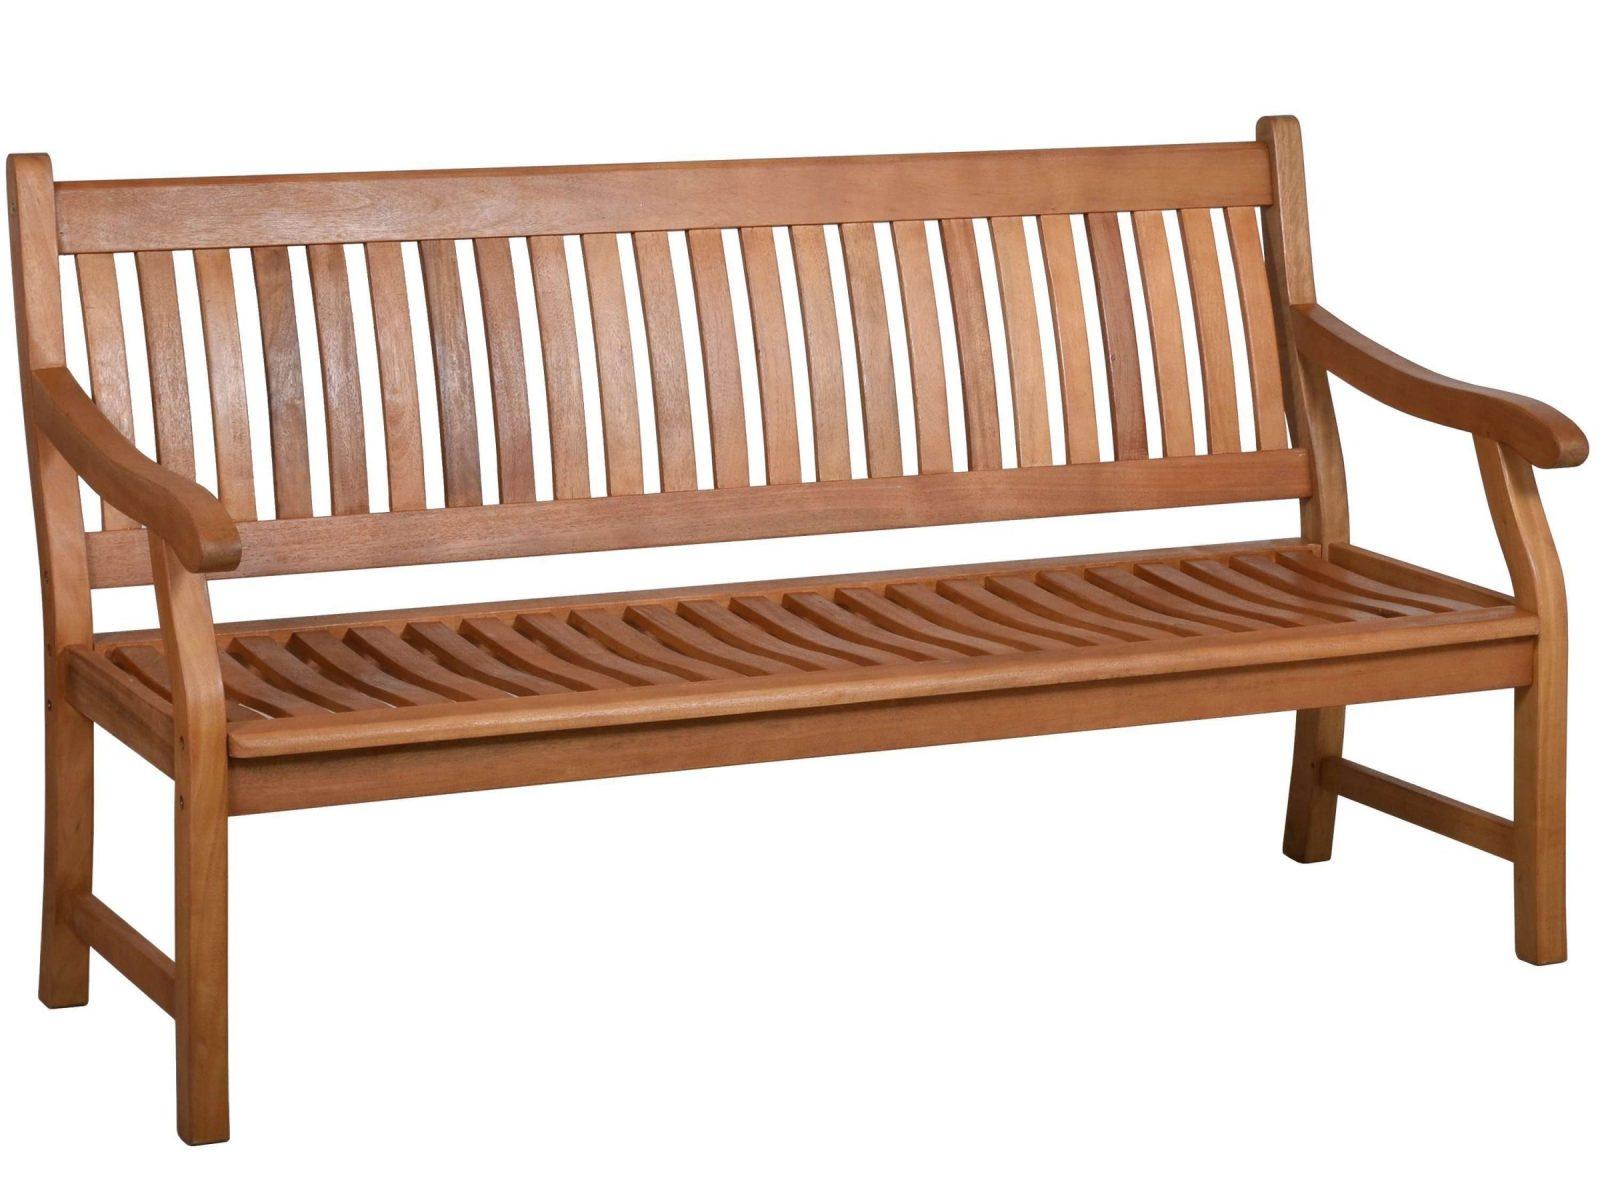 Gartenbank Holz Best Gartenbank Holz Massiv Rustikal Design Von von Gartenbank Holz Massiv Rustikal Bild